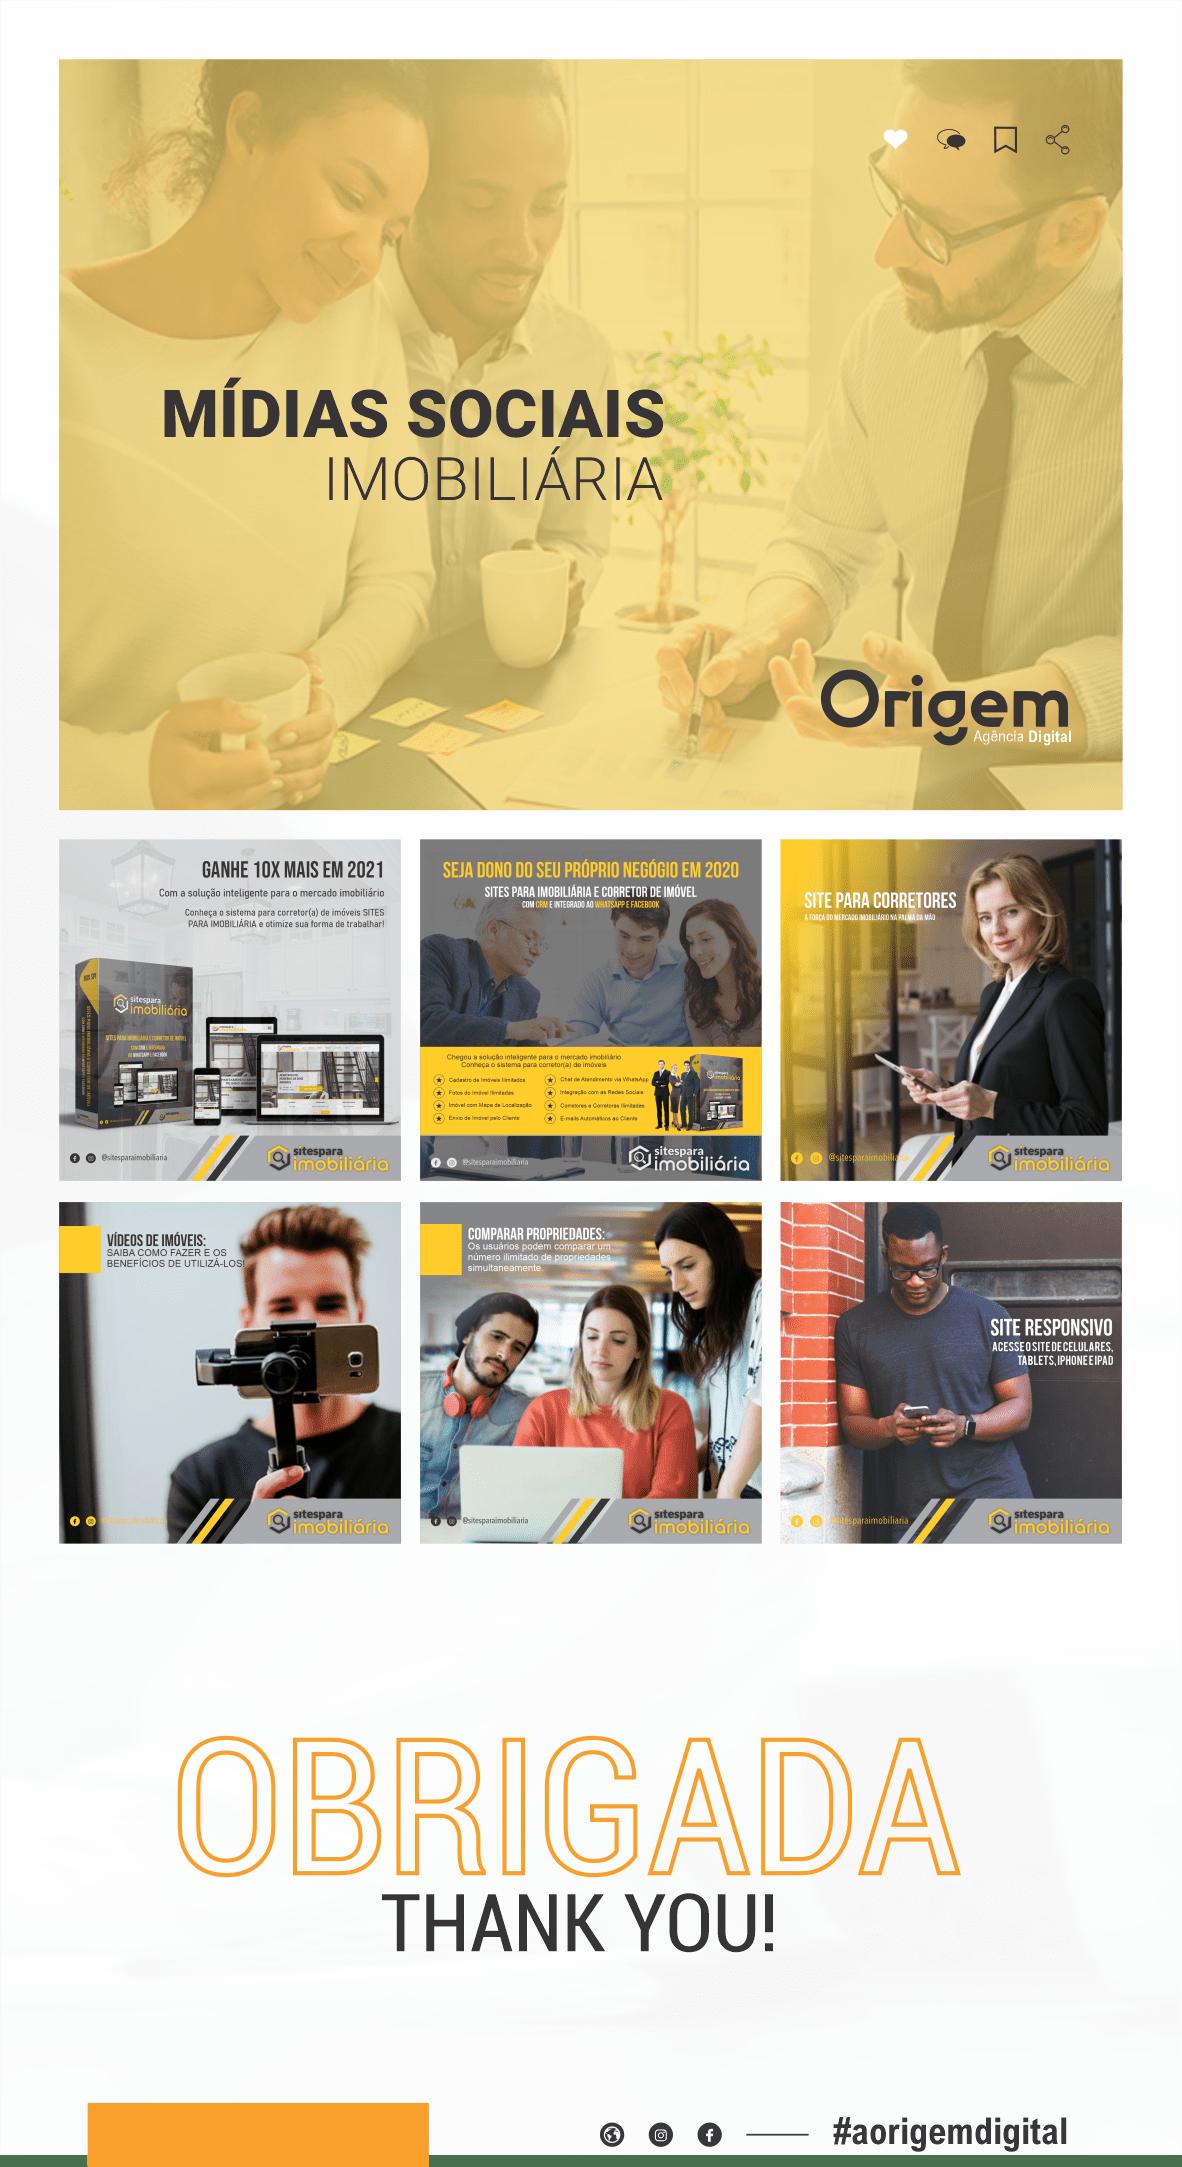 Corretores de Imóveis gestão de midias gestão de nogócios imobiliária inbound marketing marketing digital marketing imobiliário Performance planejamento digital